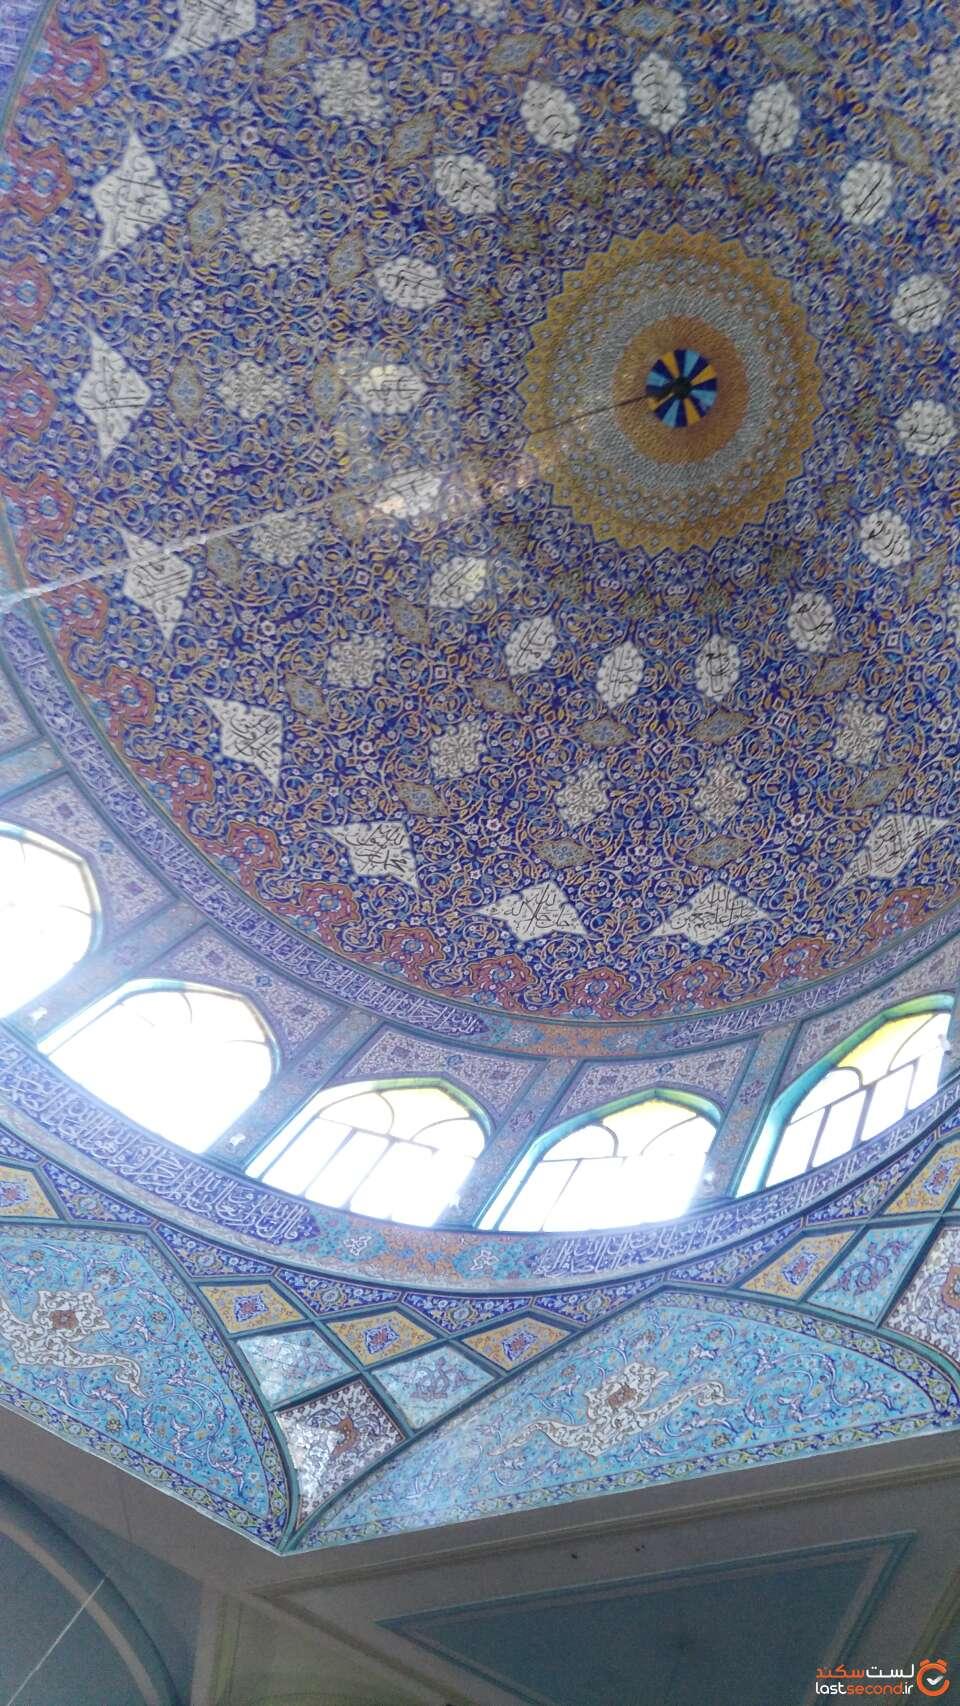 گنبد زیبا مسجد جامع اهواز